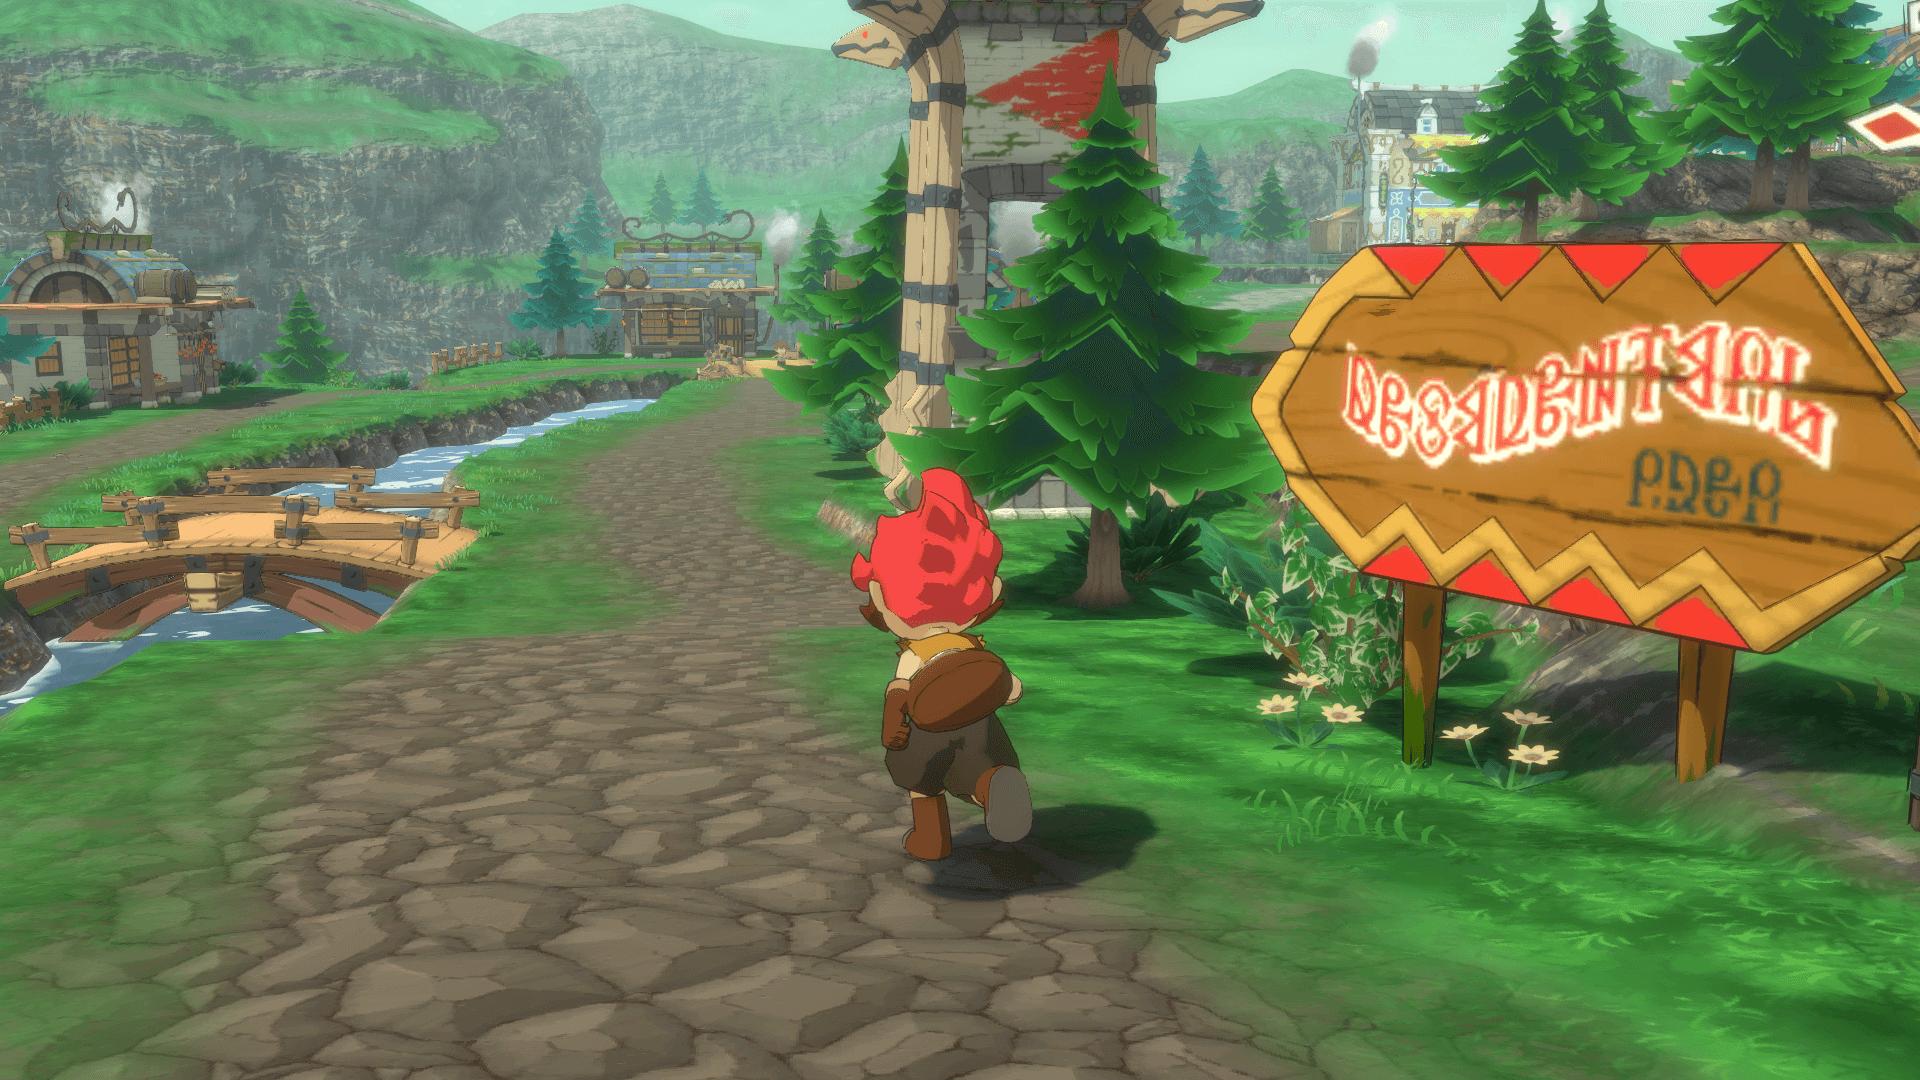 little town hero screenshot wallpaper 69229